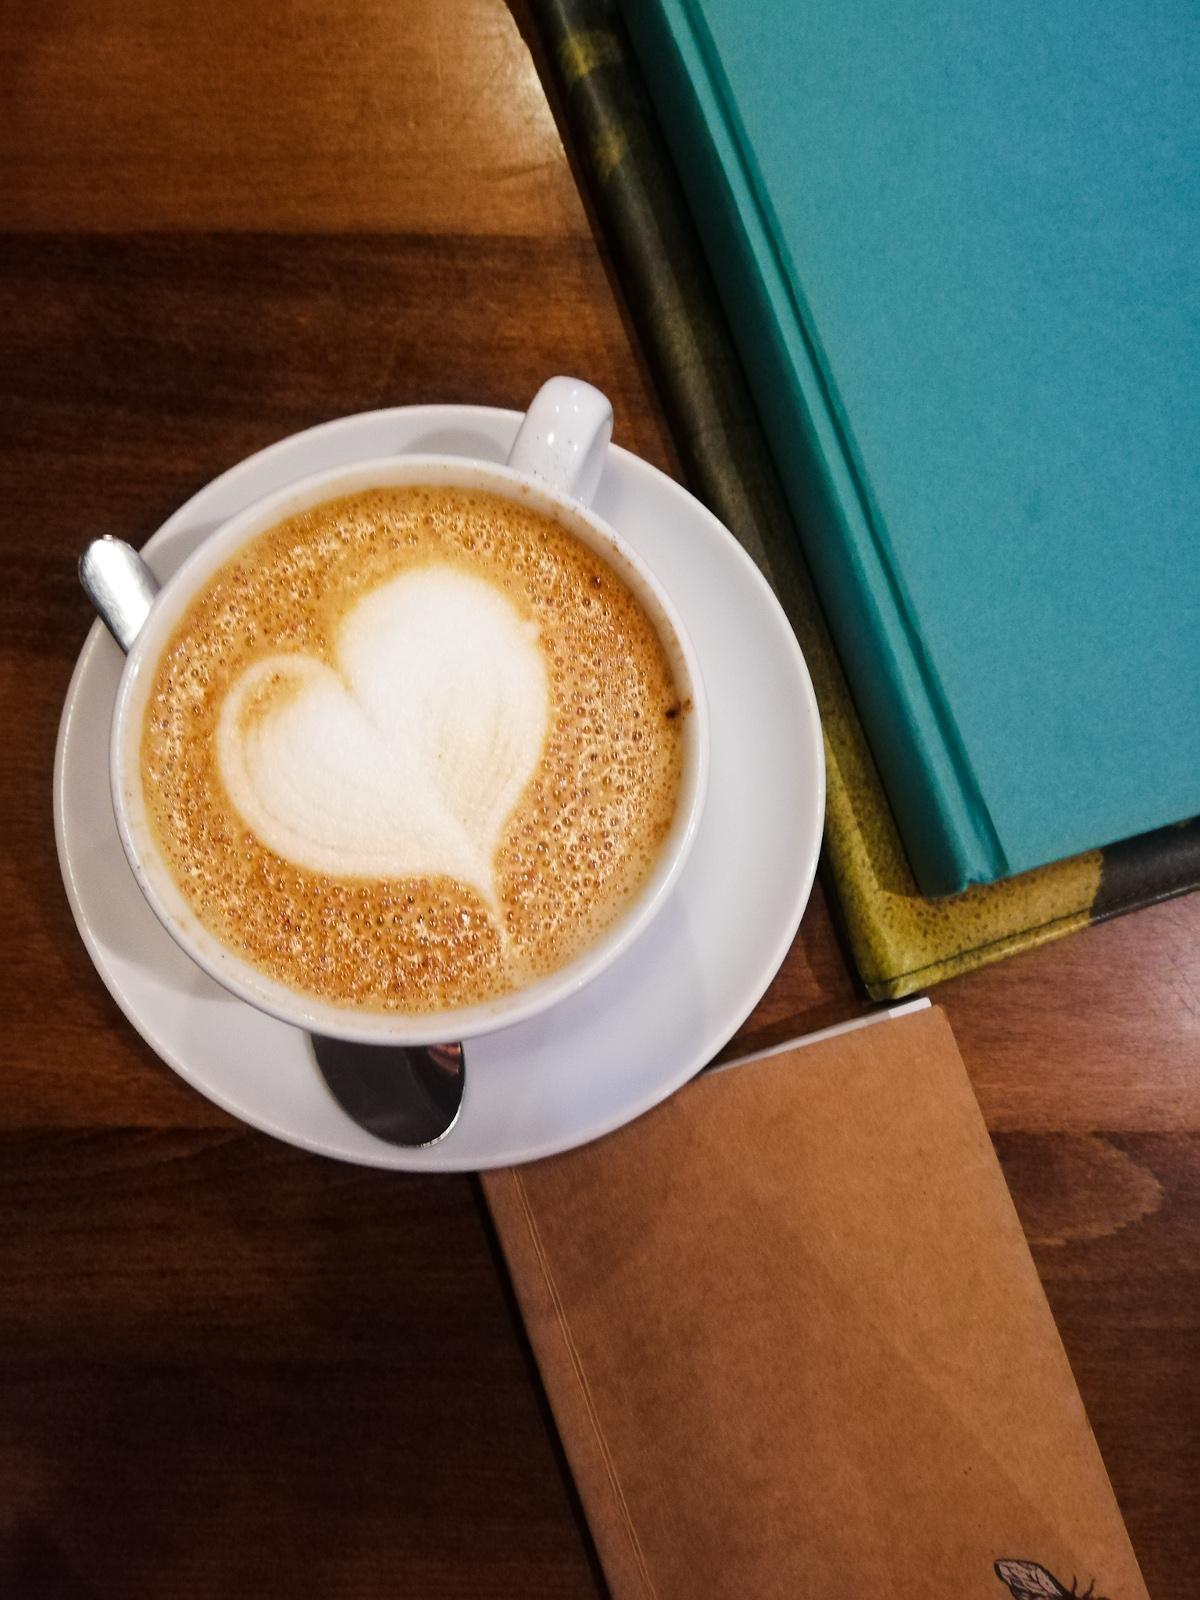 Kilimanjaro Coffee, Edimbourg